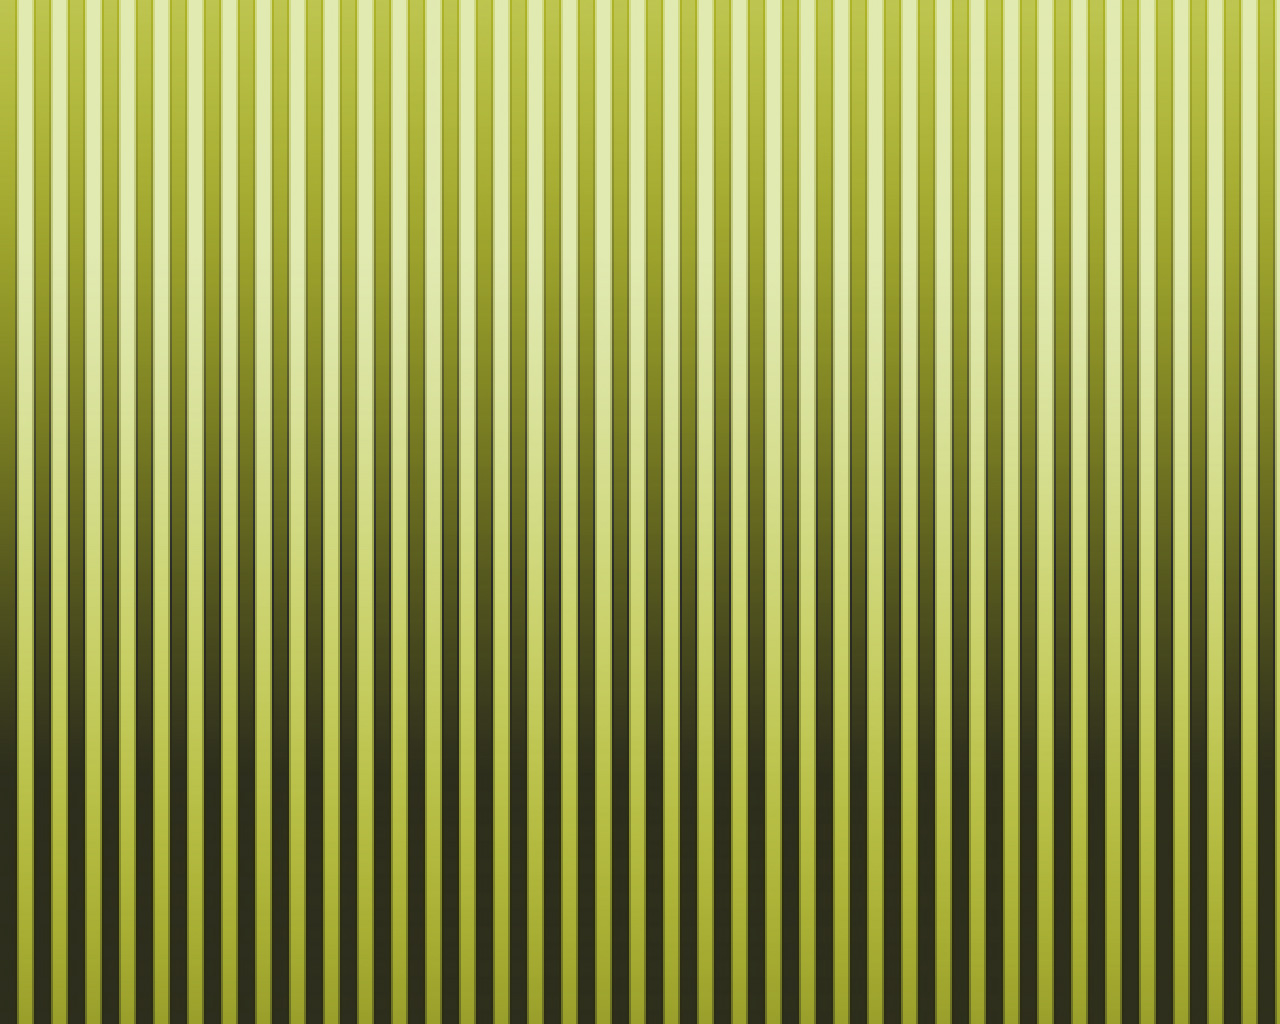 Sh Yn Design: Stripe Wallpaper : Olive green Stripe